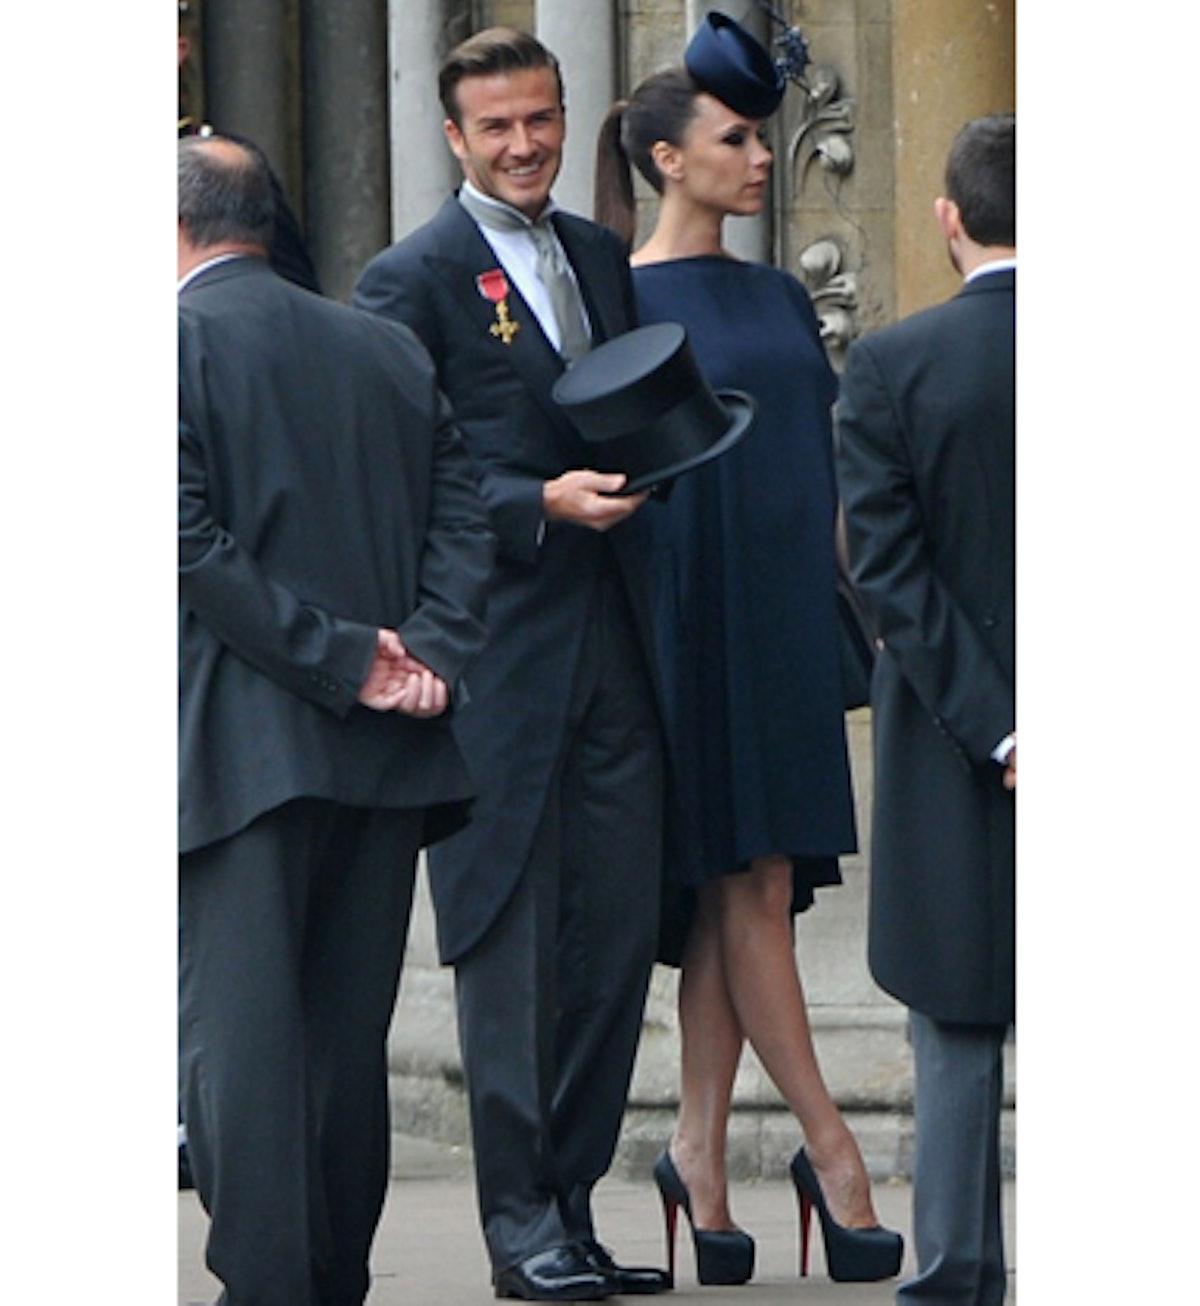 blog-royal-wedding-best-dressed-11.jpg